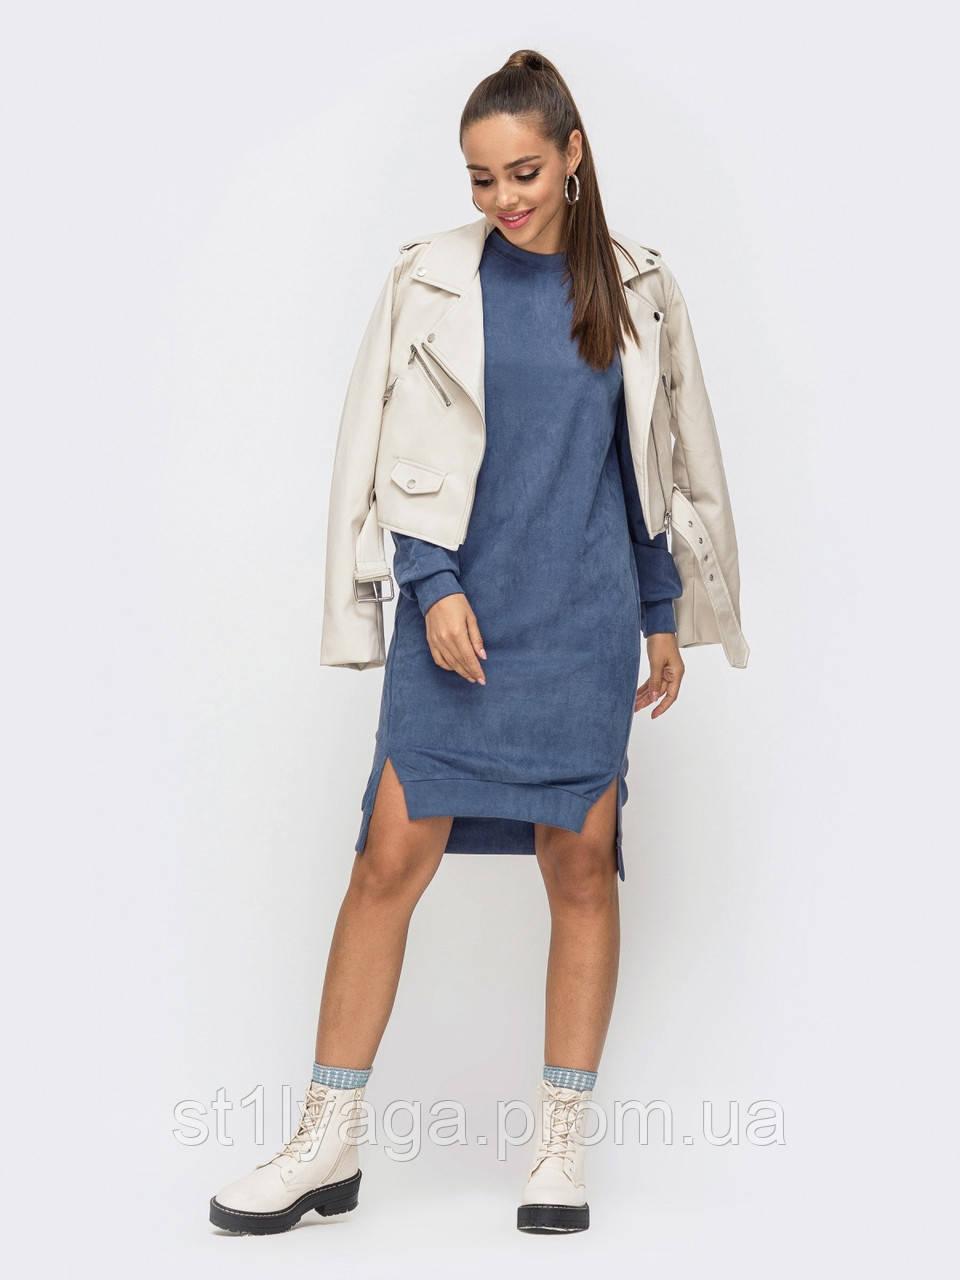 Синее платье из замши с удлиненной спинкой